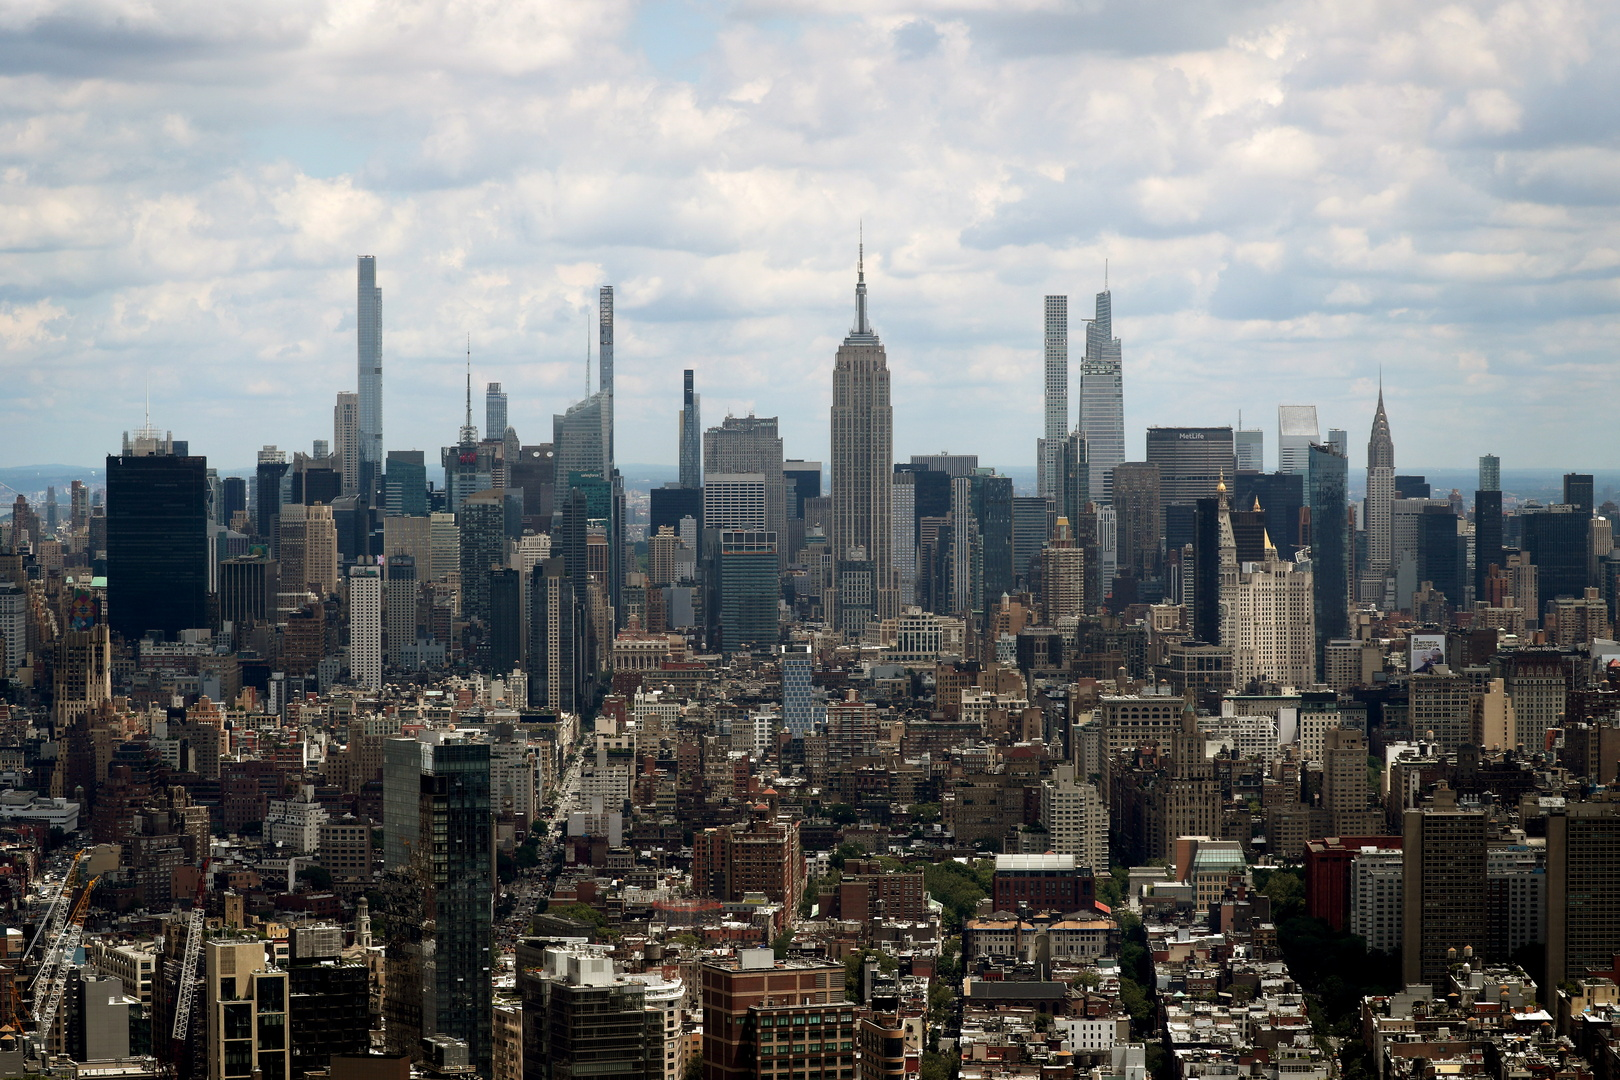 رجل أعمال سعودي يعرض شقته بنيويورك للبيع كأغلى مبيعات العقارات السكنية بالولايات المتحدة